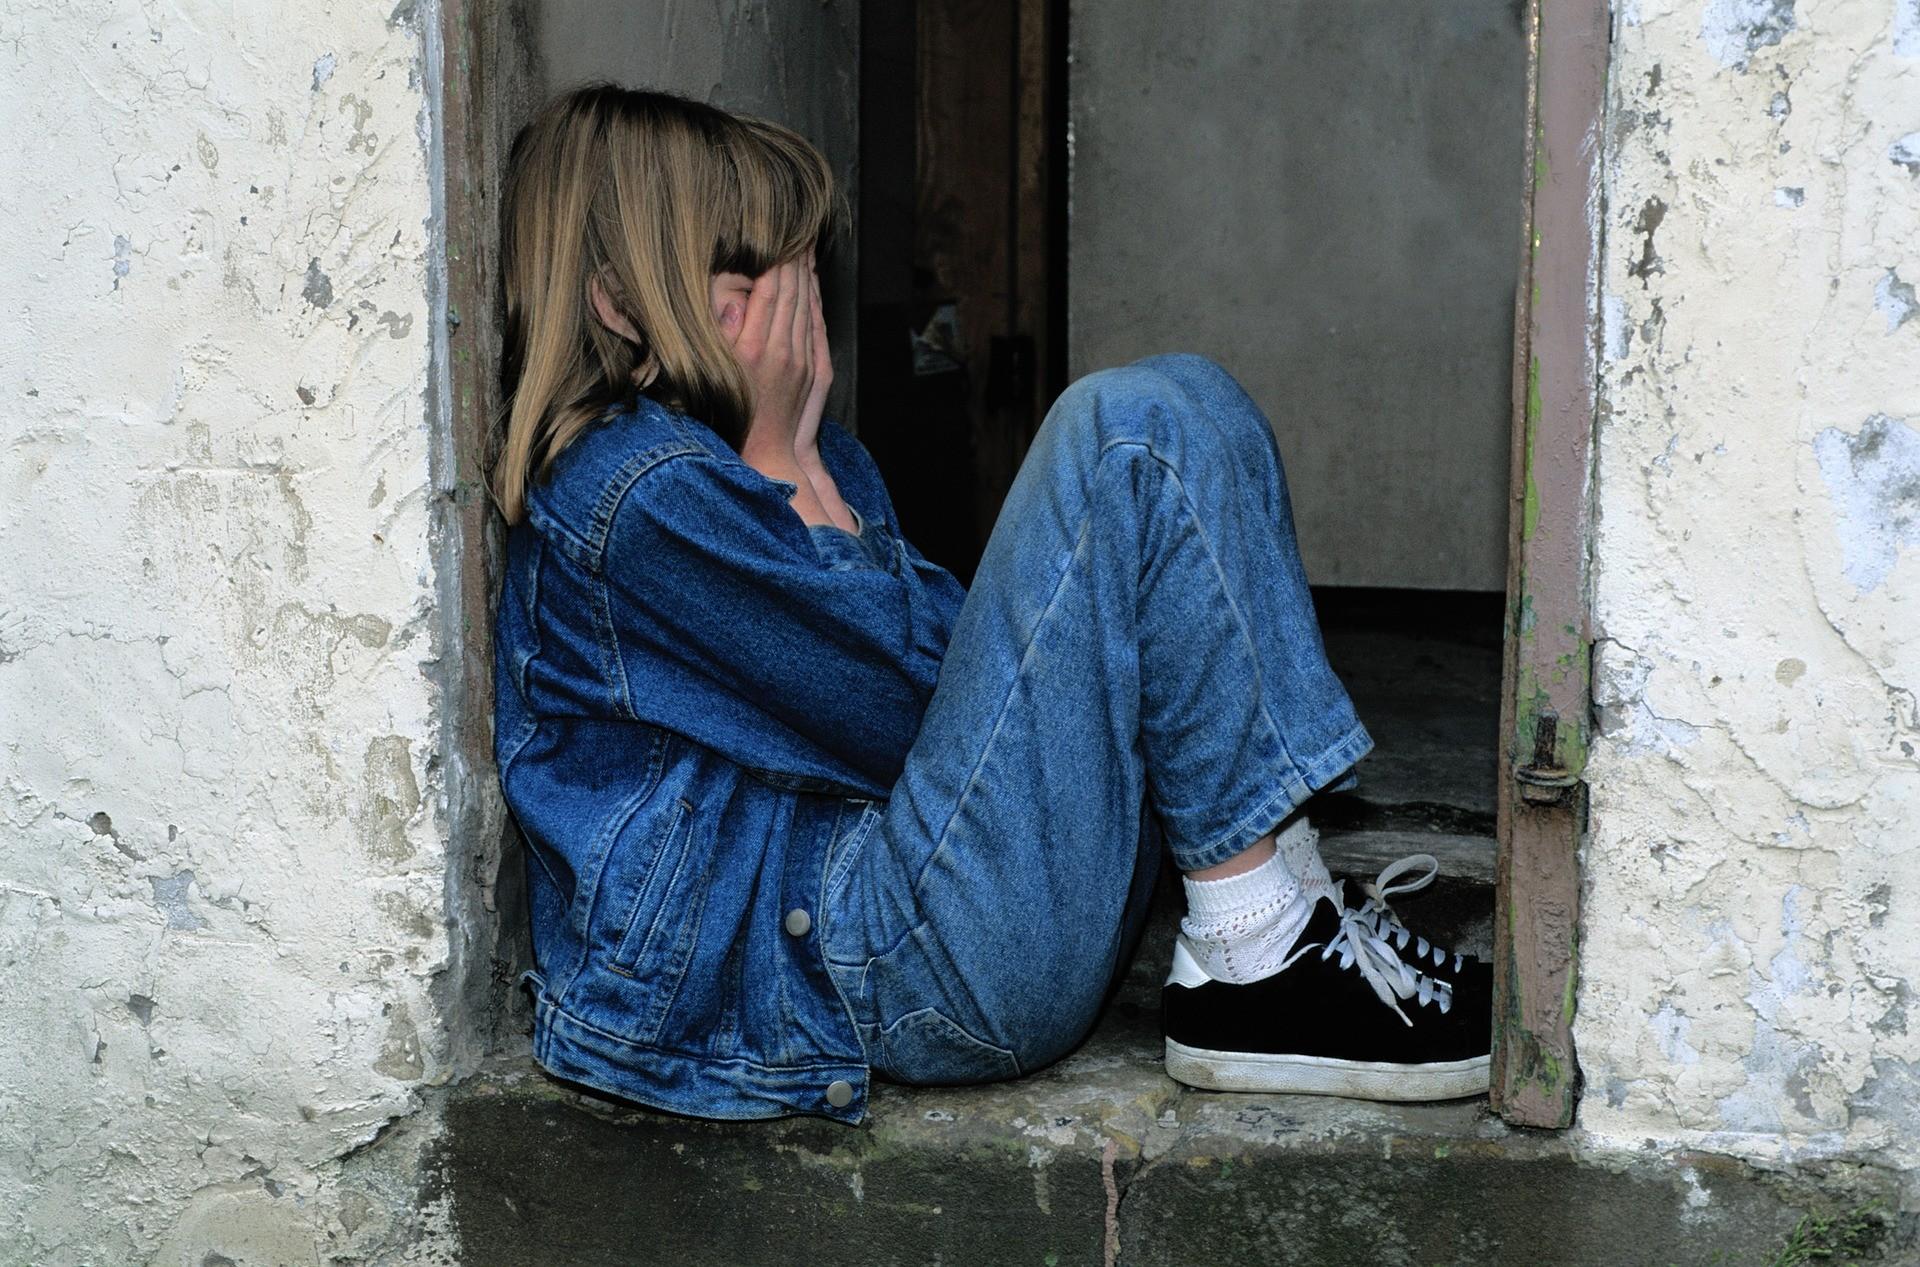 ▲難過,哭,小孩,孩子,悲傷,生氣,流淚。(圖/取自免費圖庫Pixabay)